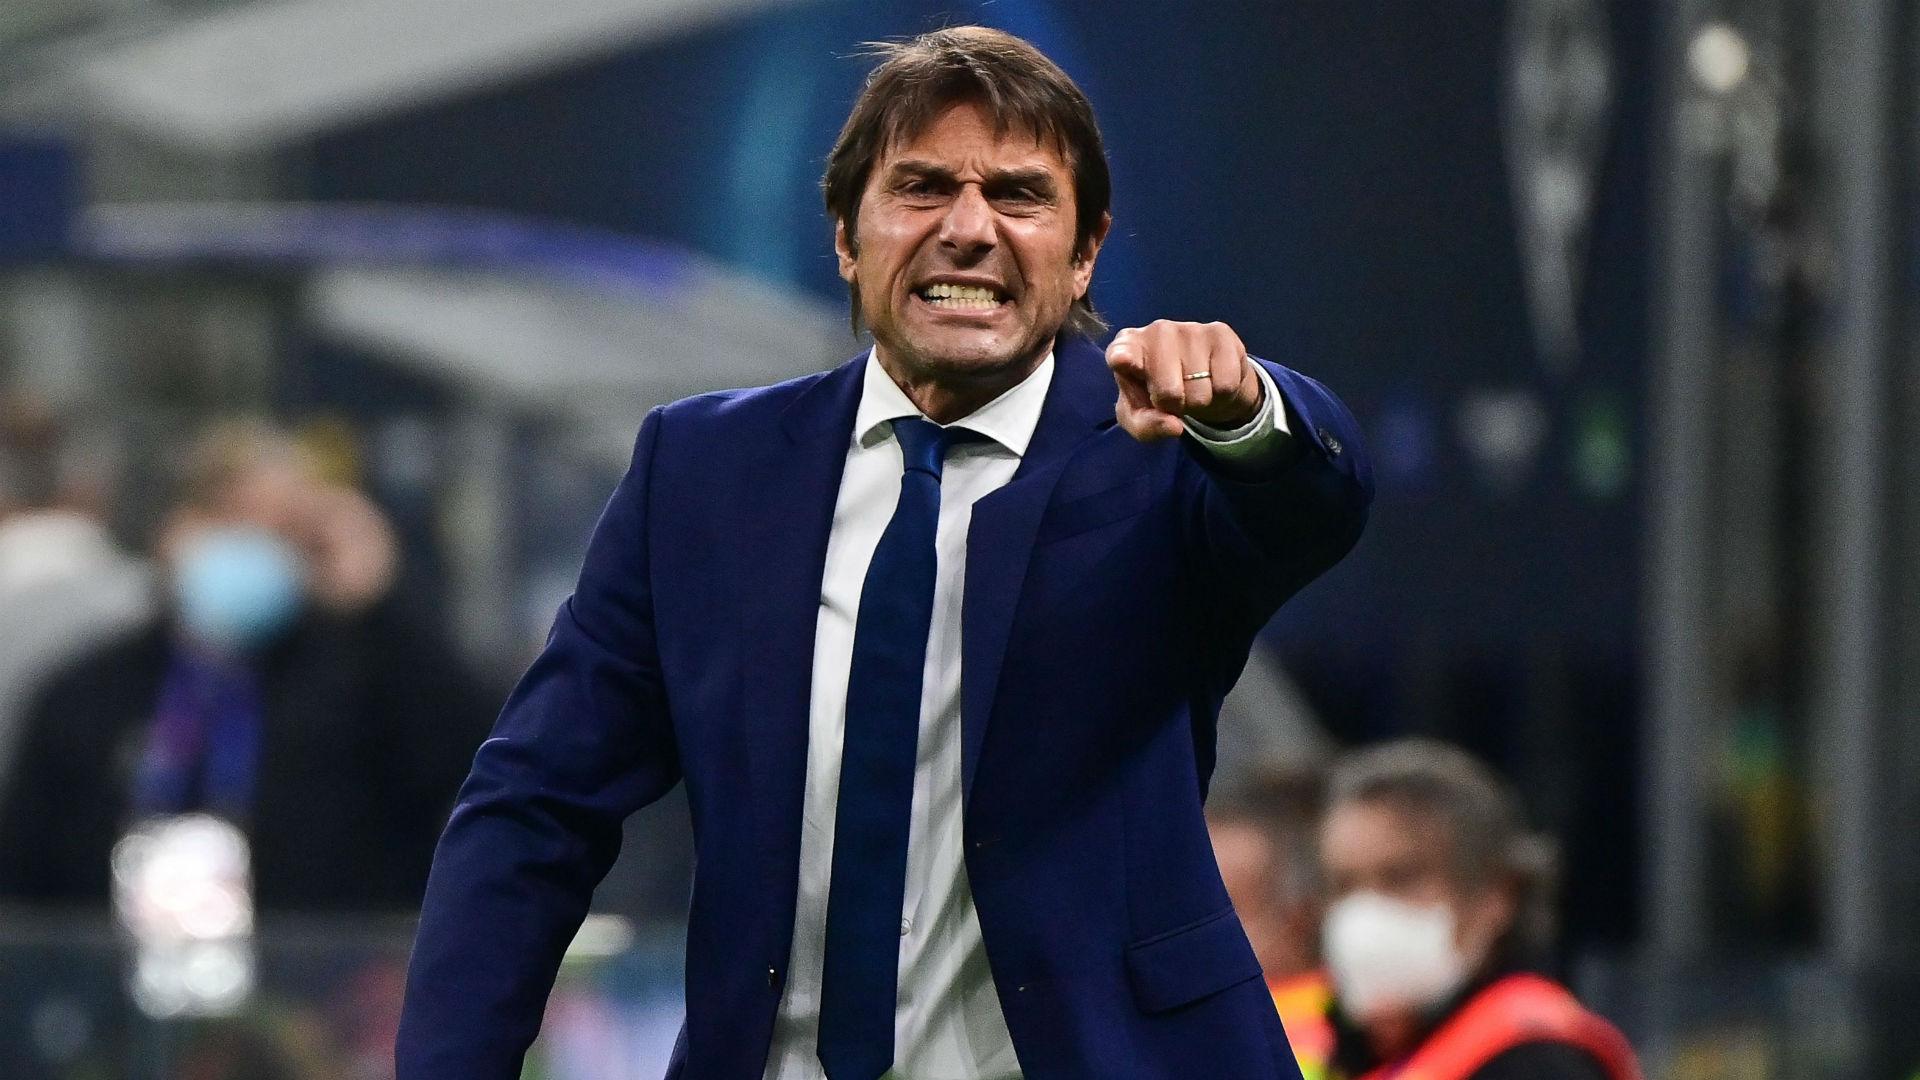 Cúp C1) Antonio Conte tiết lộ về cơ hội làm HLV trưởng Real | Goal.com